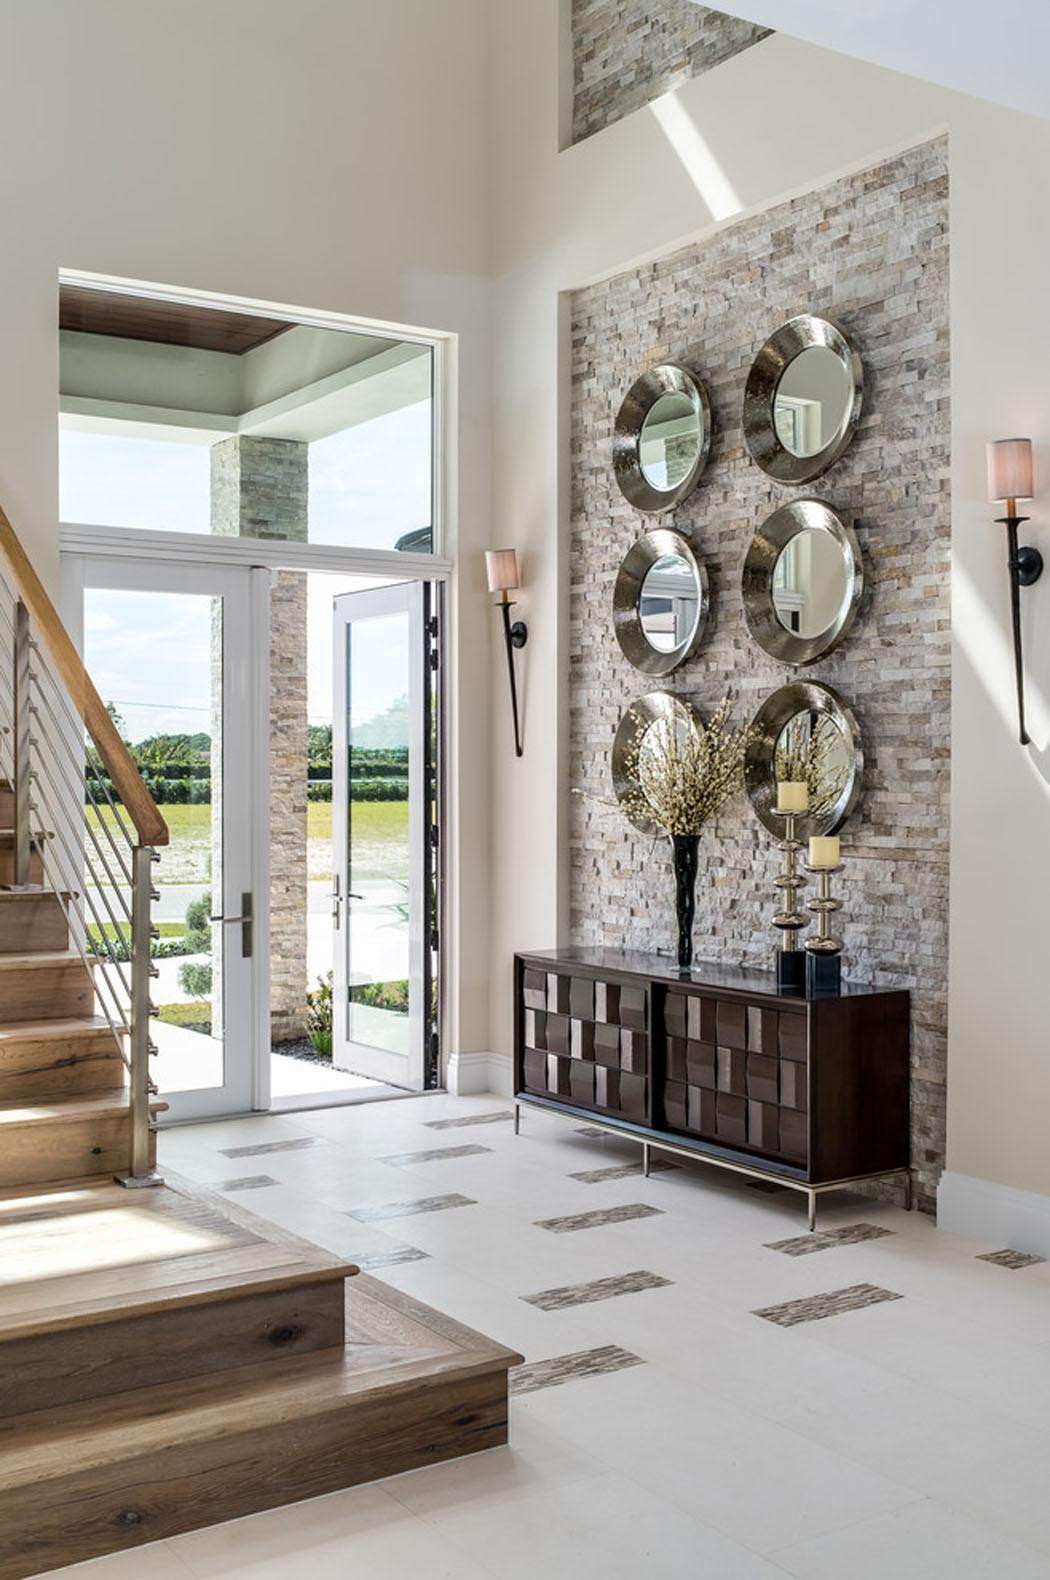 Decoration interieur entree maison - Design en image